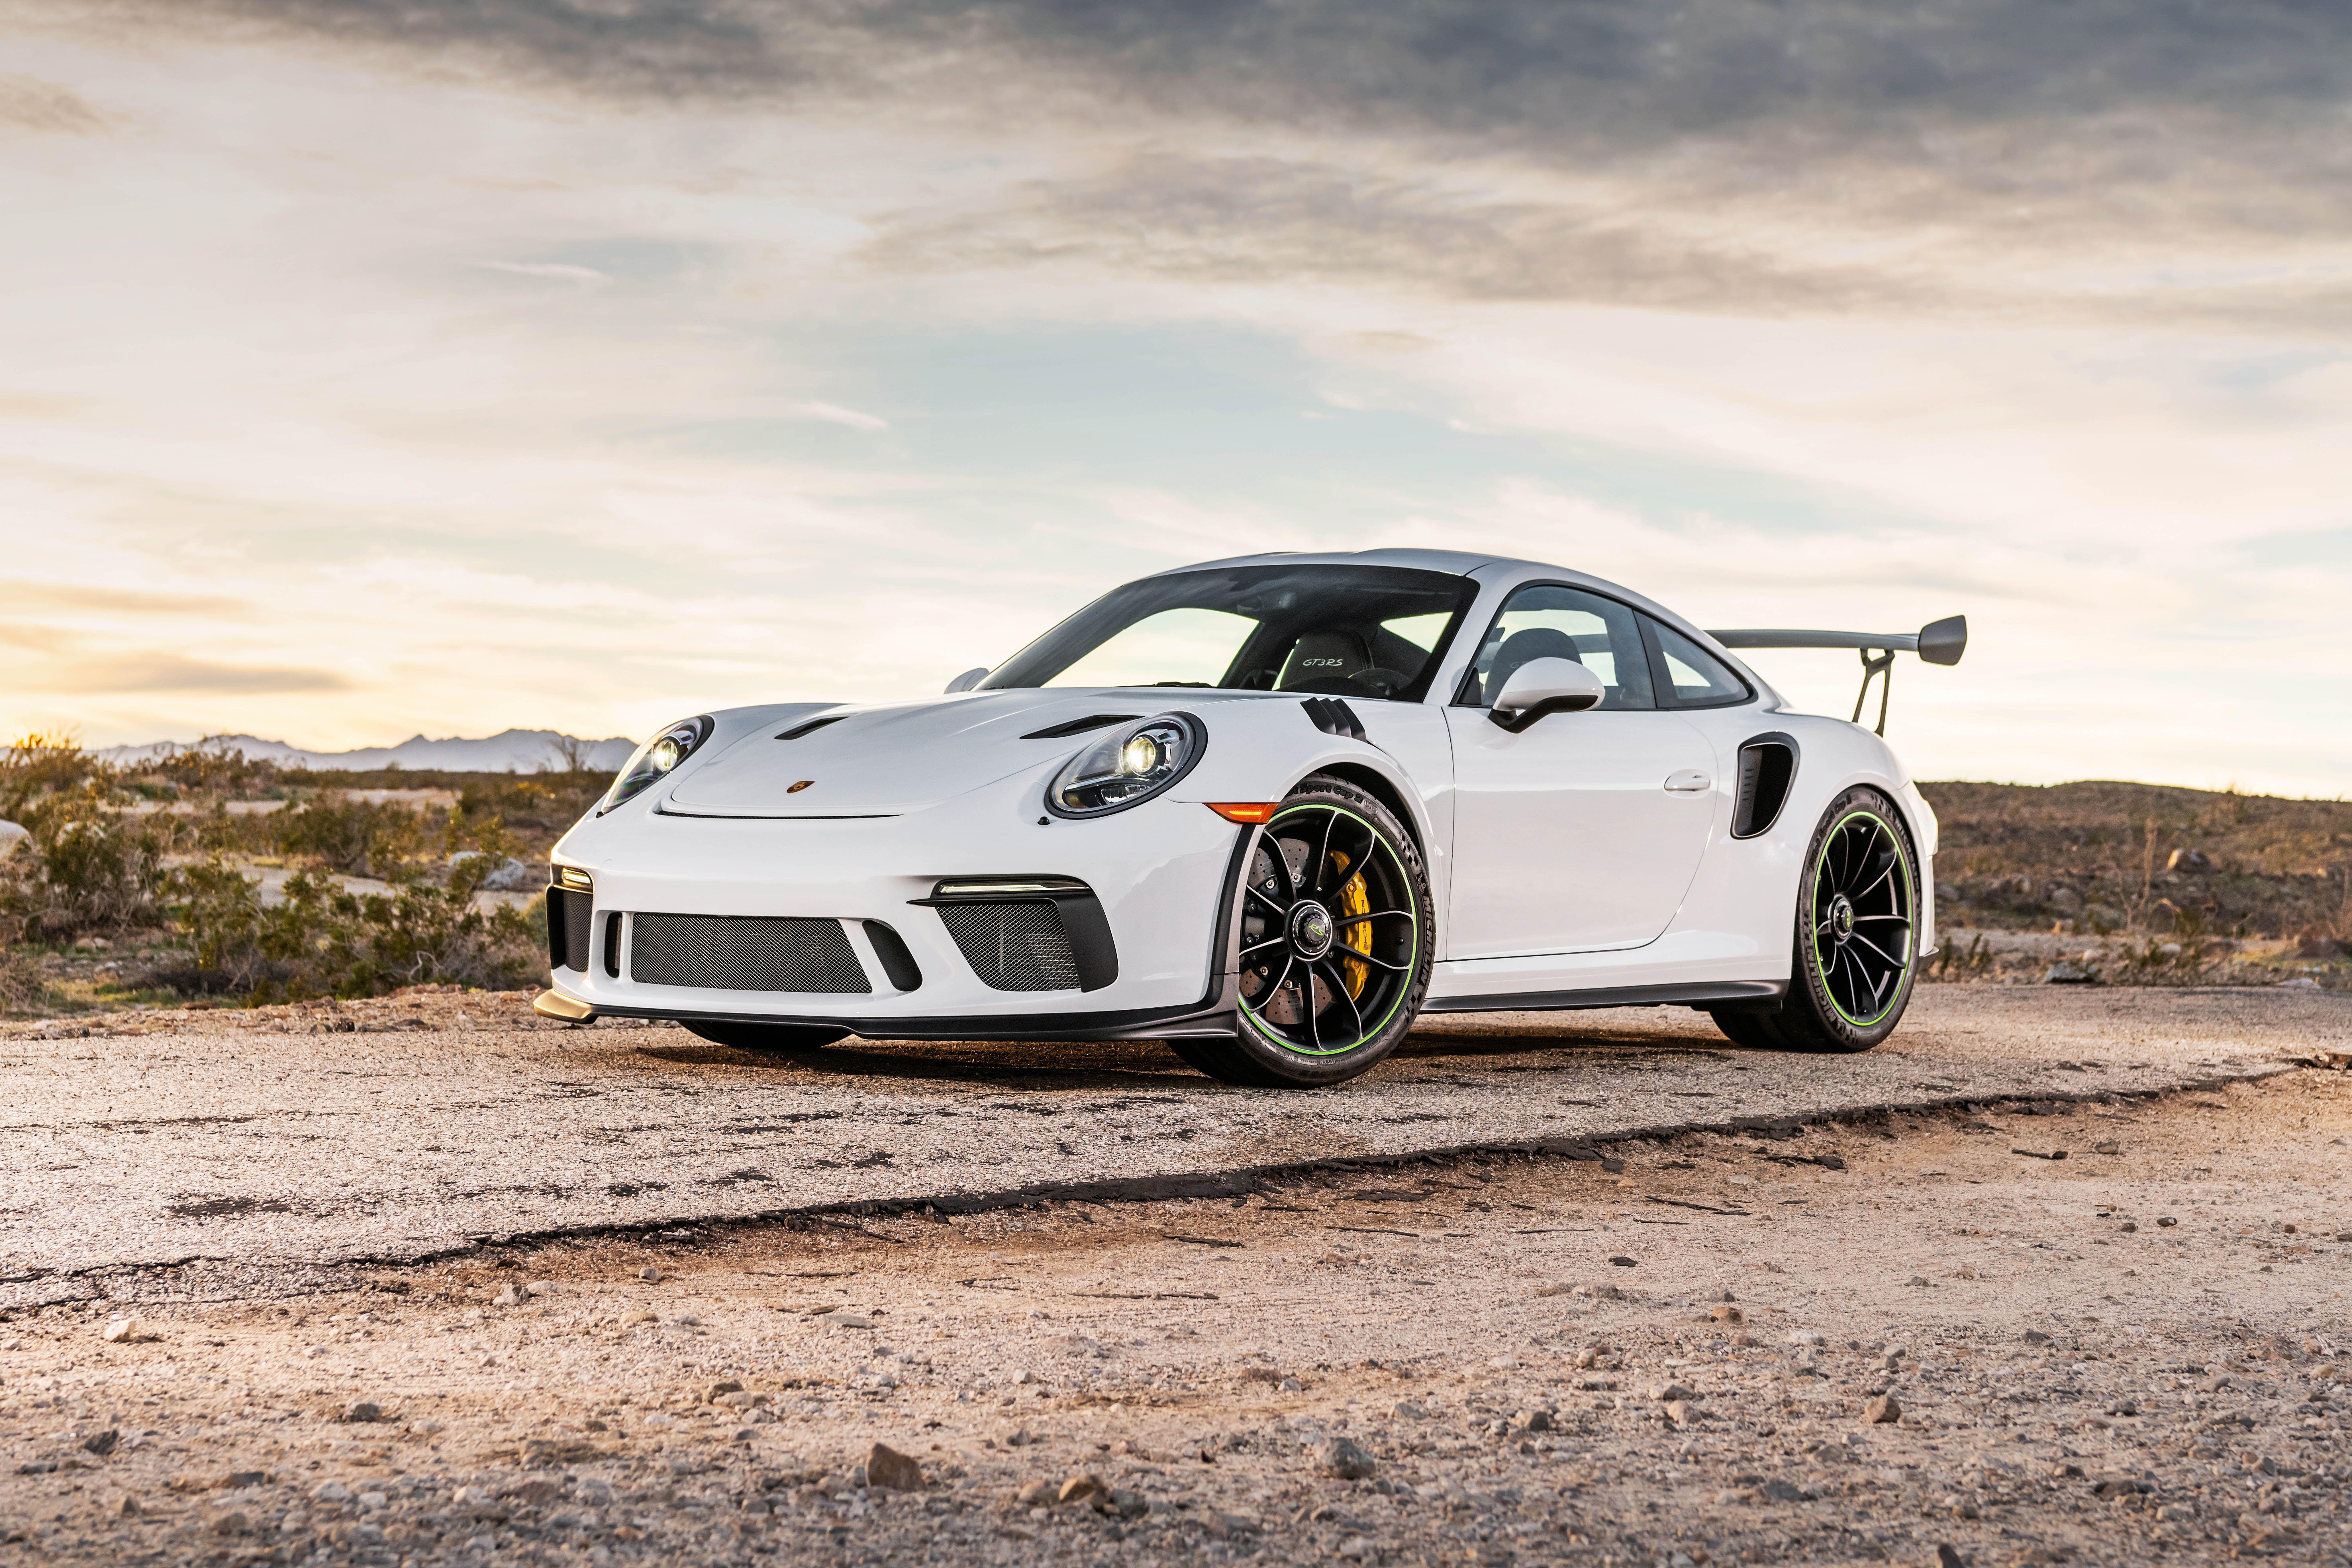 Porsche GT3 RS 2019 Wallpaper, HD Cars 4K Wallpapers ...